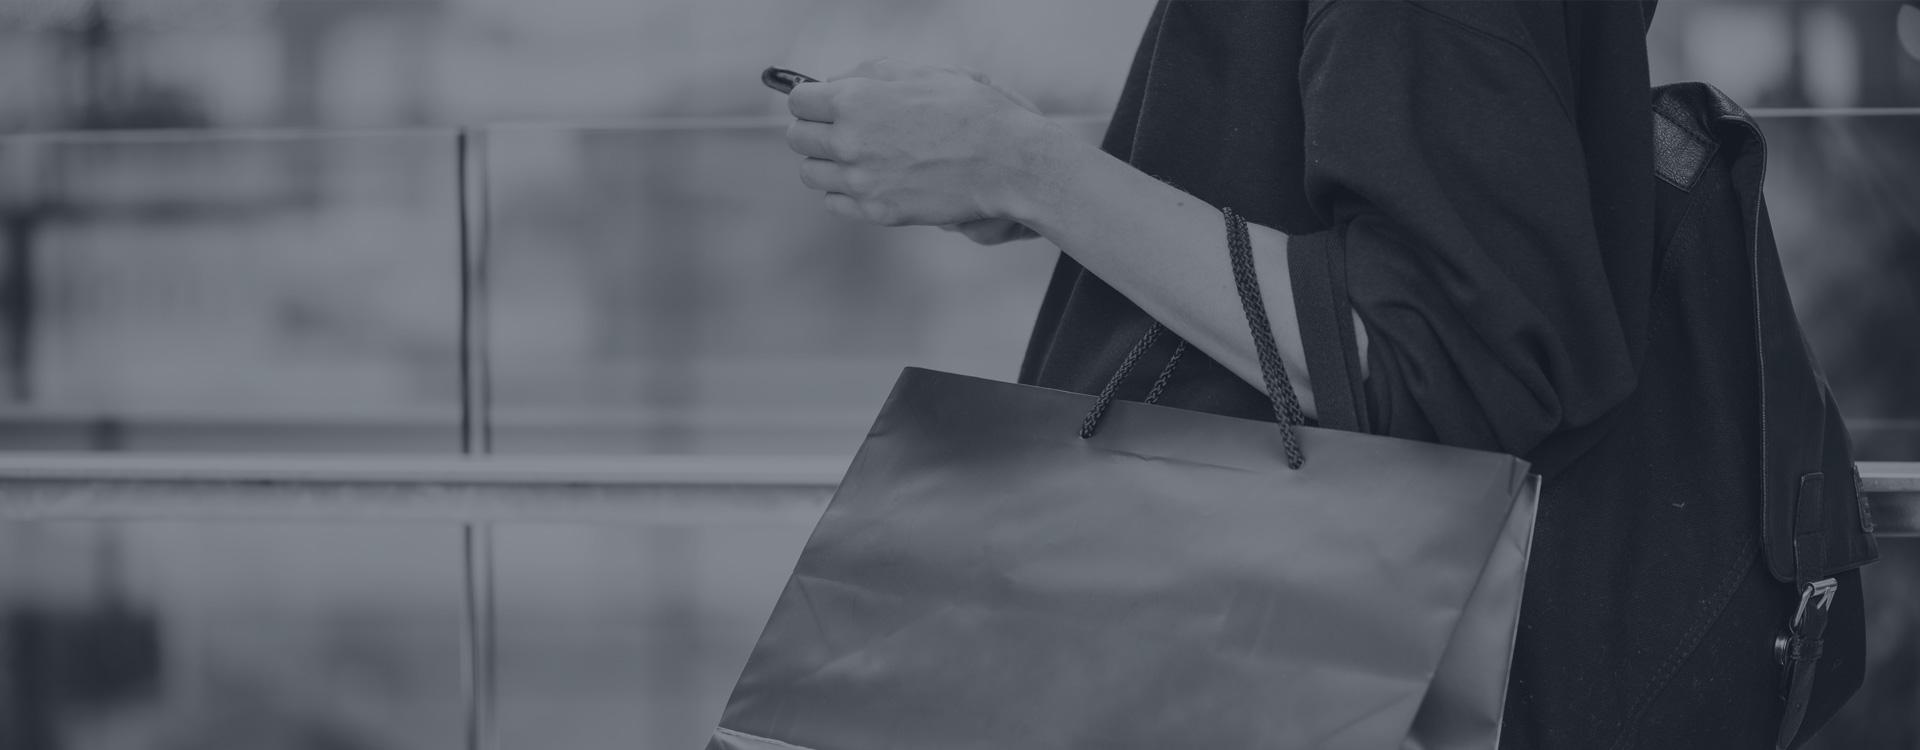 Femme portant des sacs de magasinage regardant son cellulaire